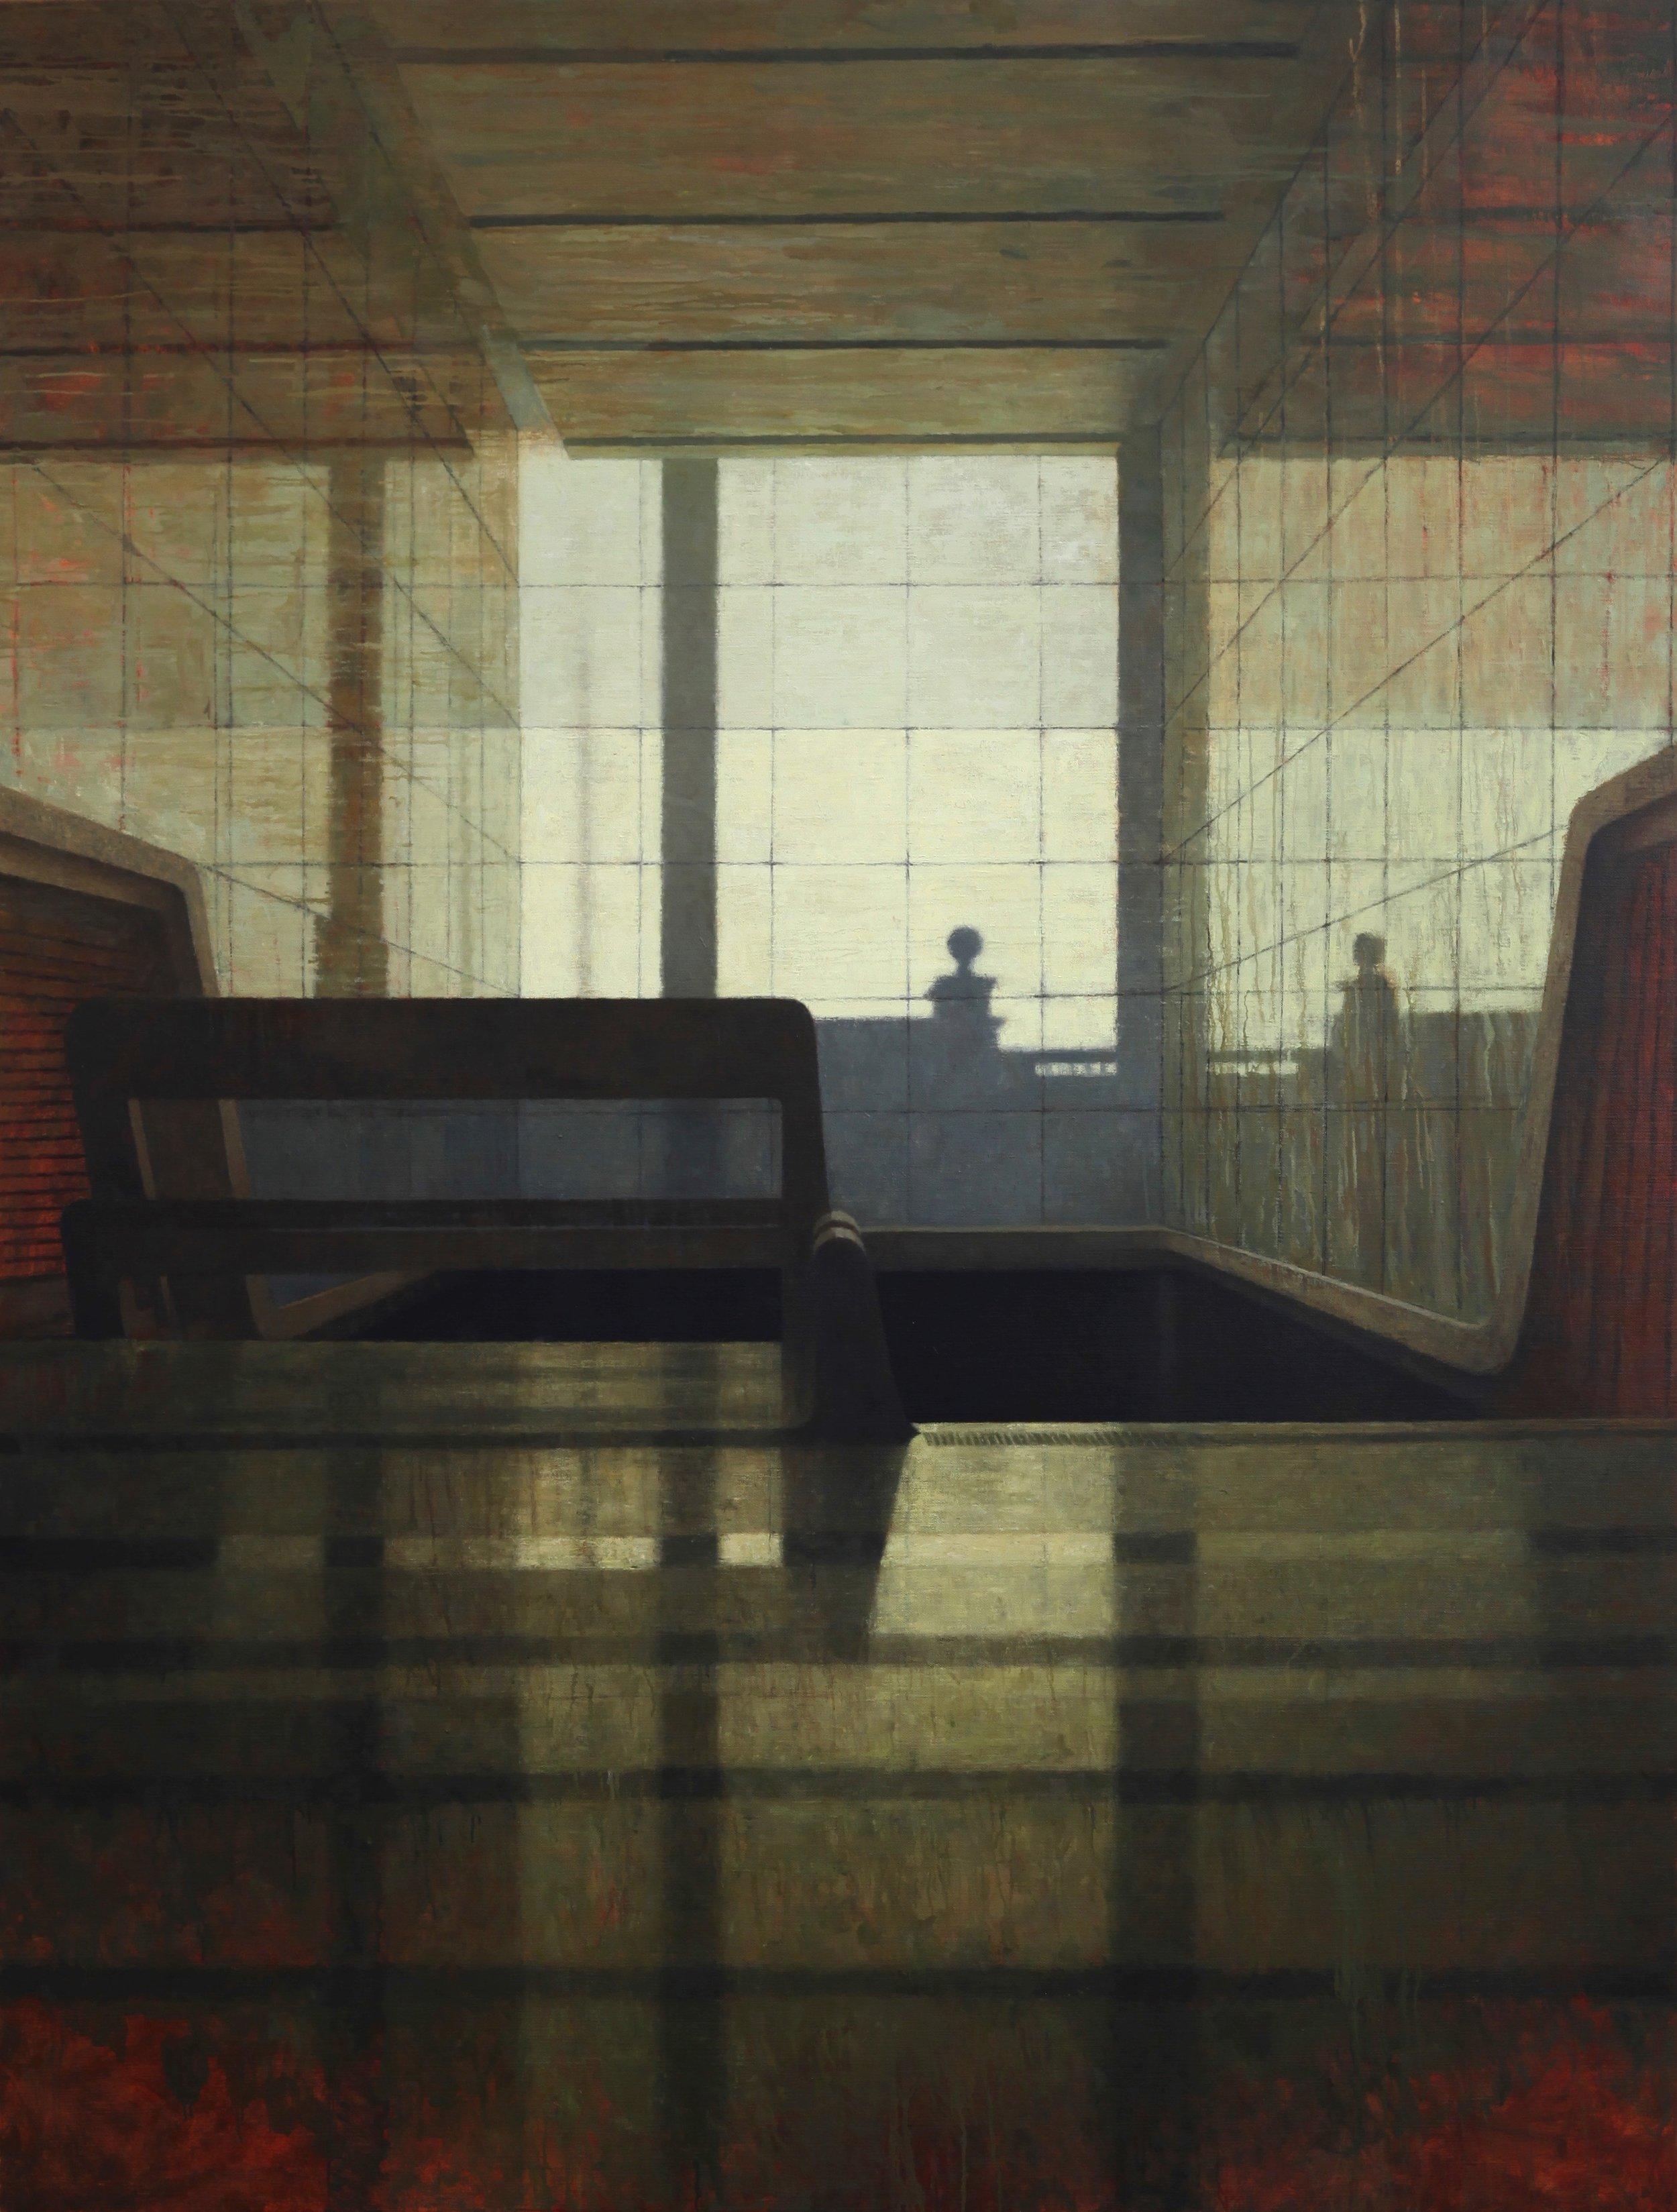 Interior 370 (Foyer I), Oil on linen, 1980mm x 2600mm, 2017